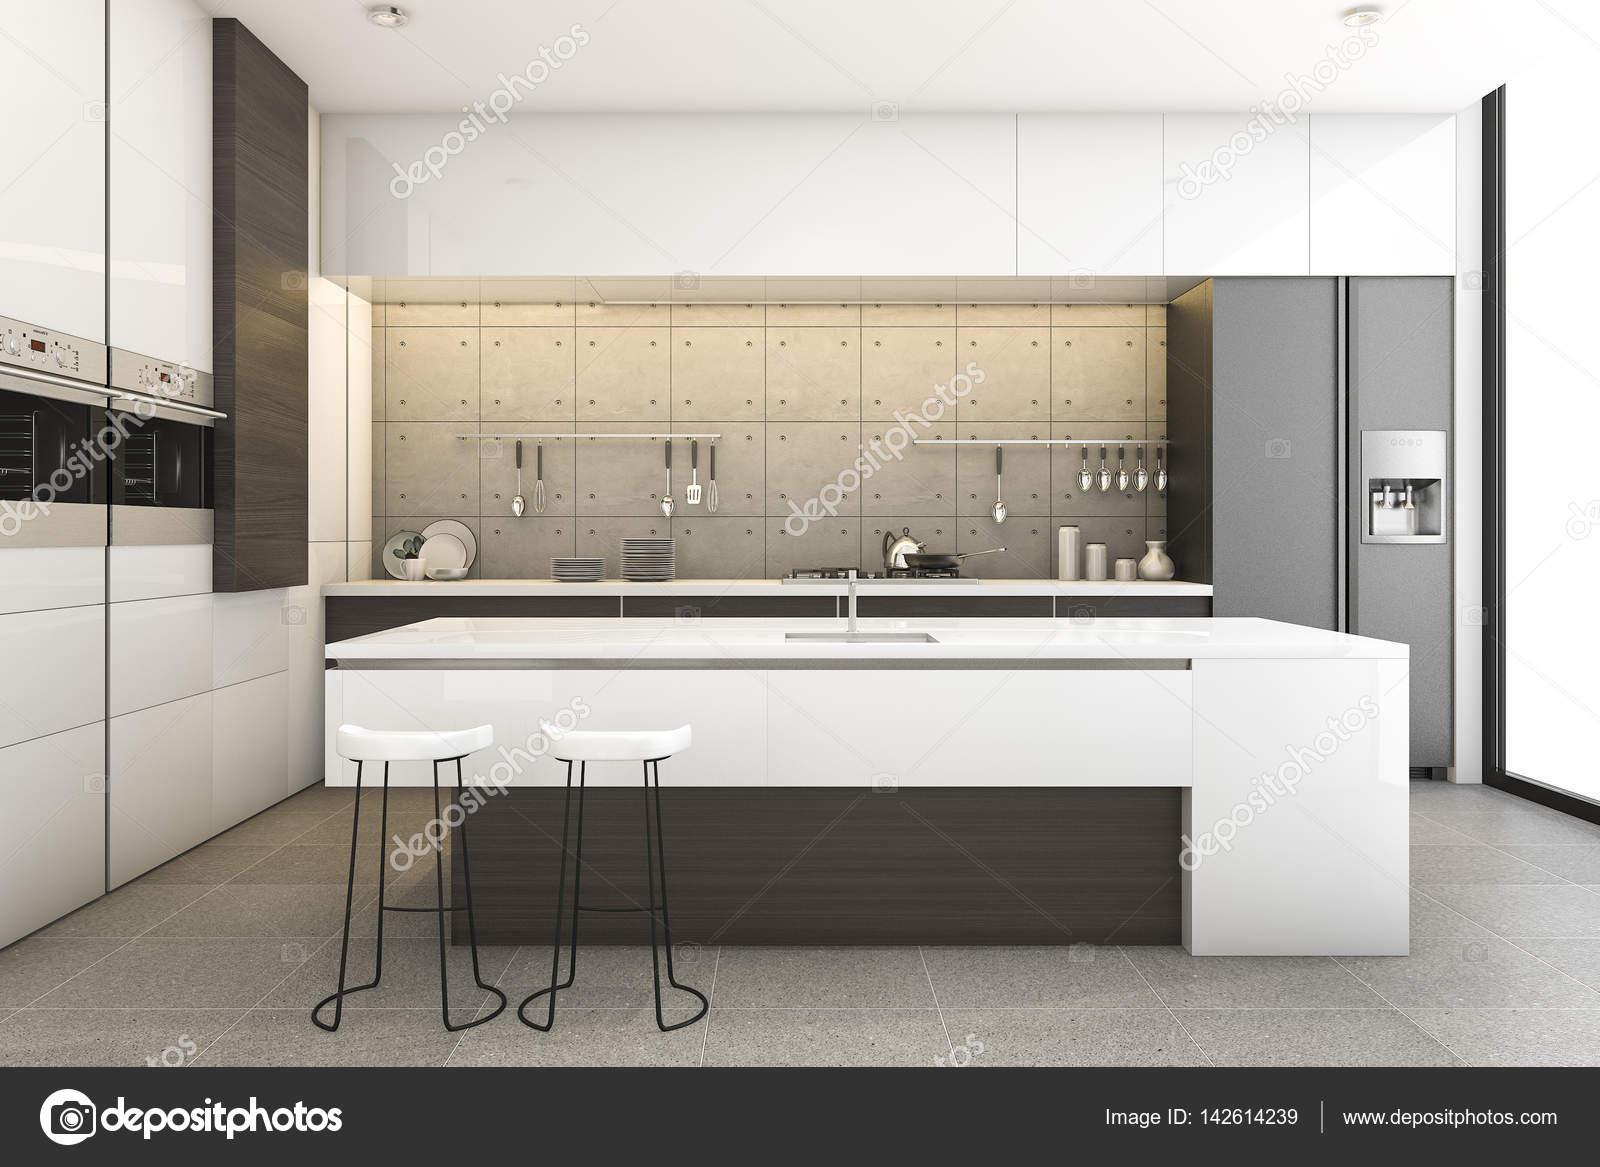 3D Render madera y loft cocina moderna con barra comedor — Fotos de ...